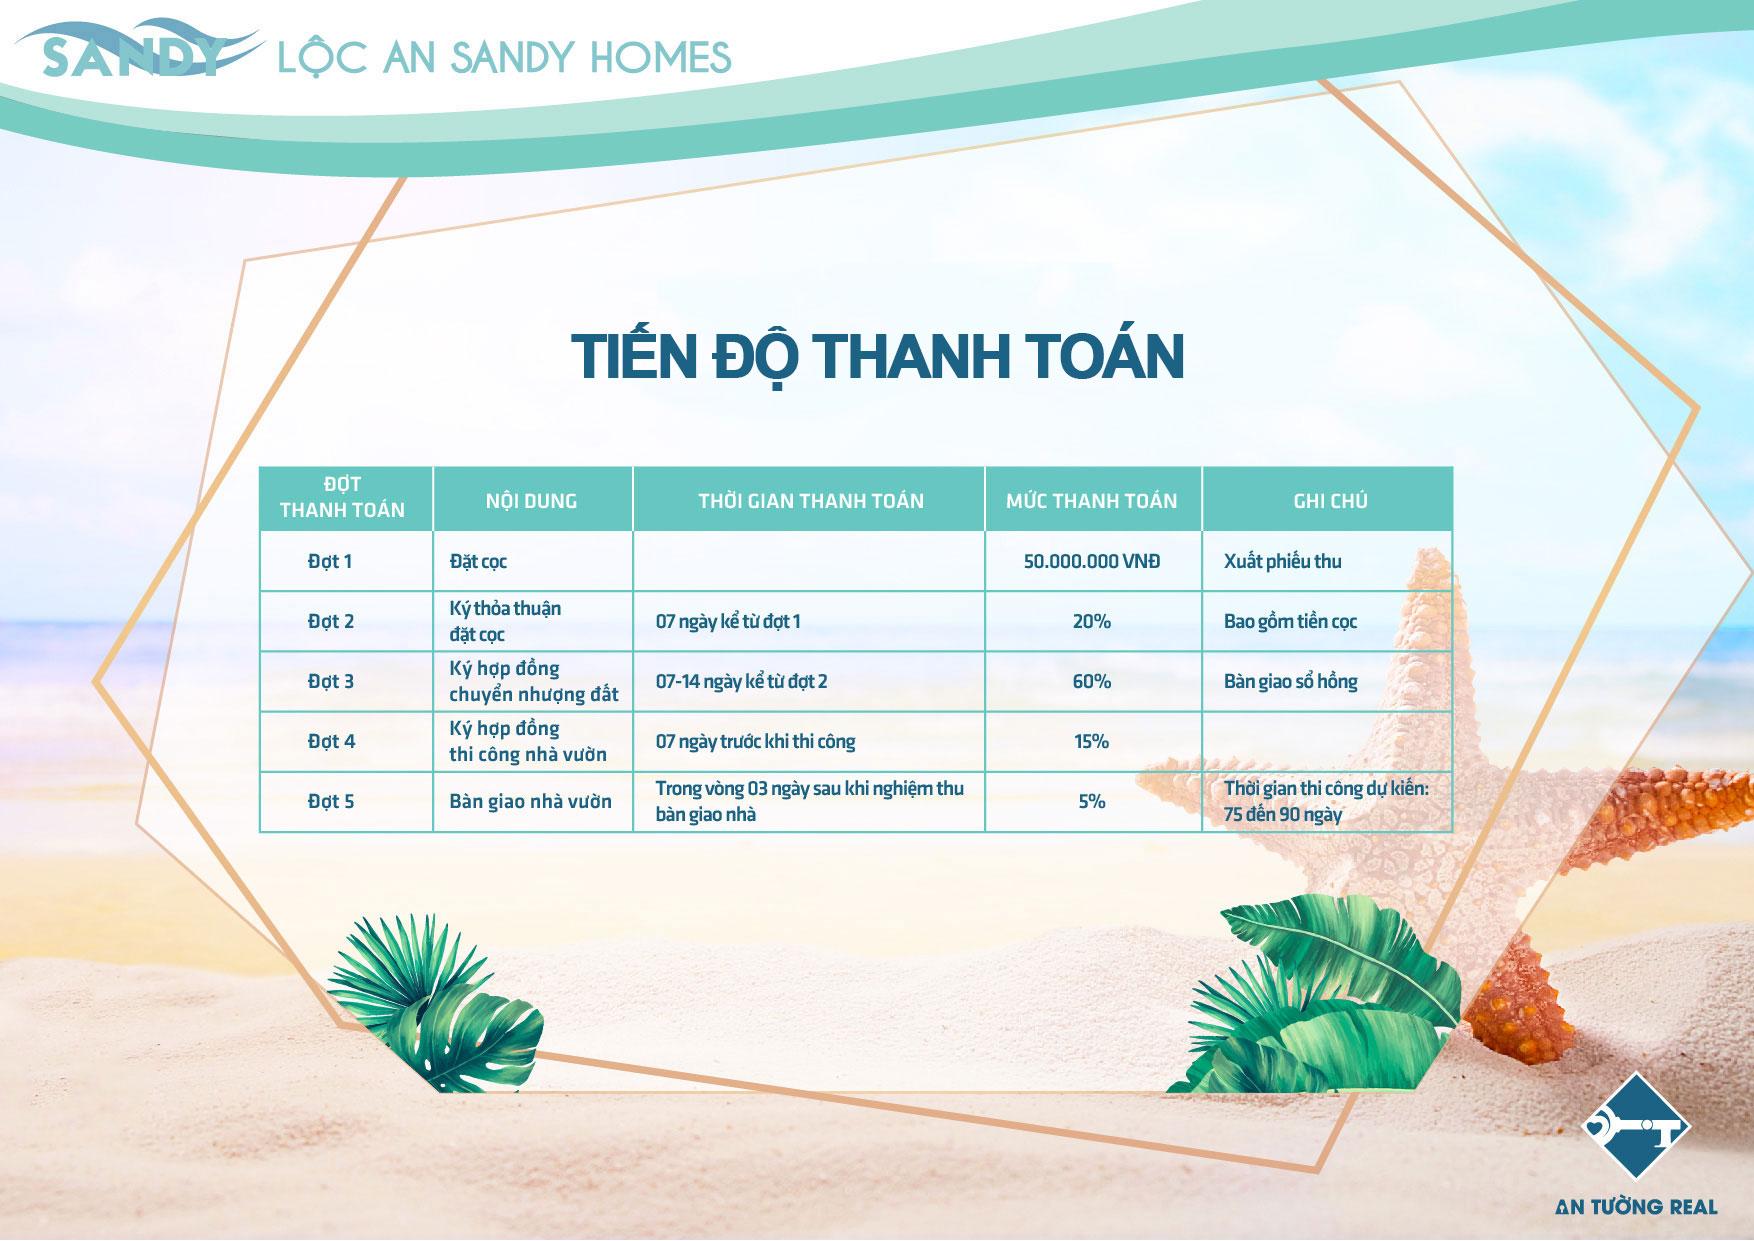 Tiến độ thanh toán Lộc An Sandy Homes